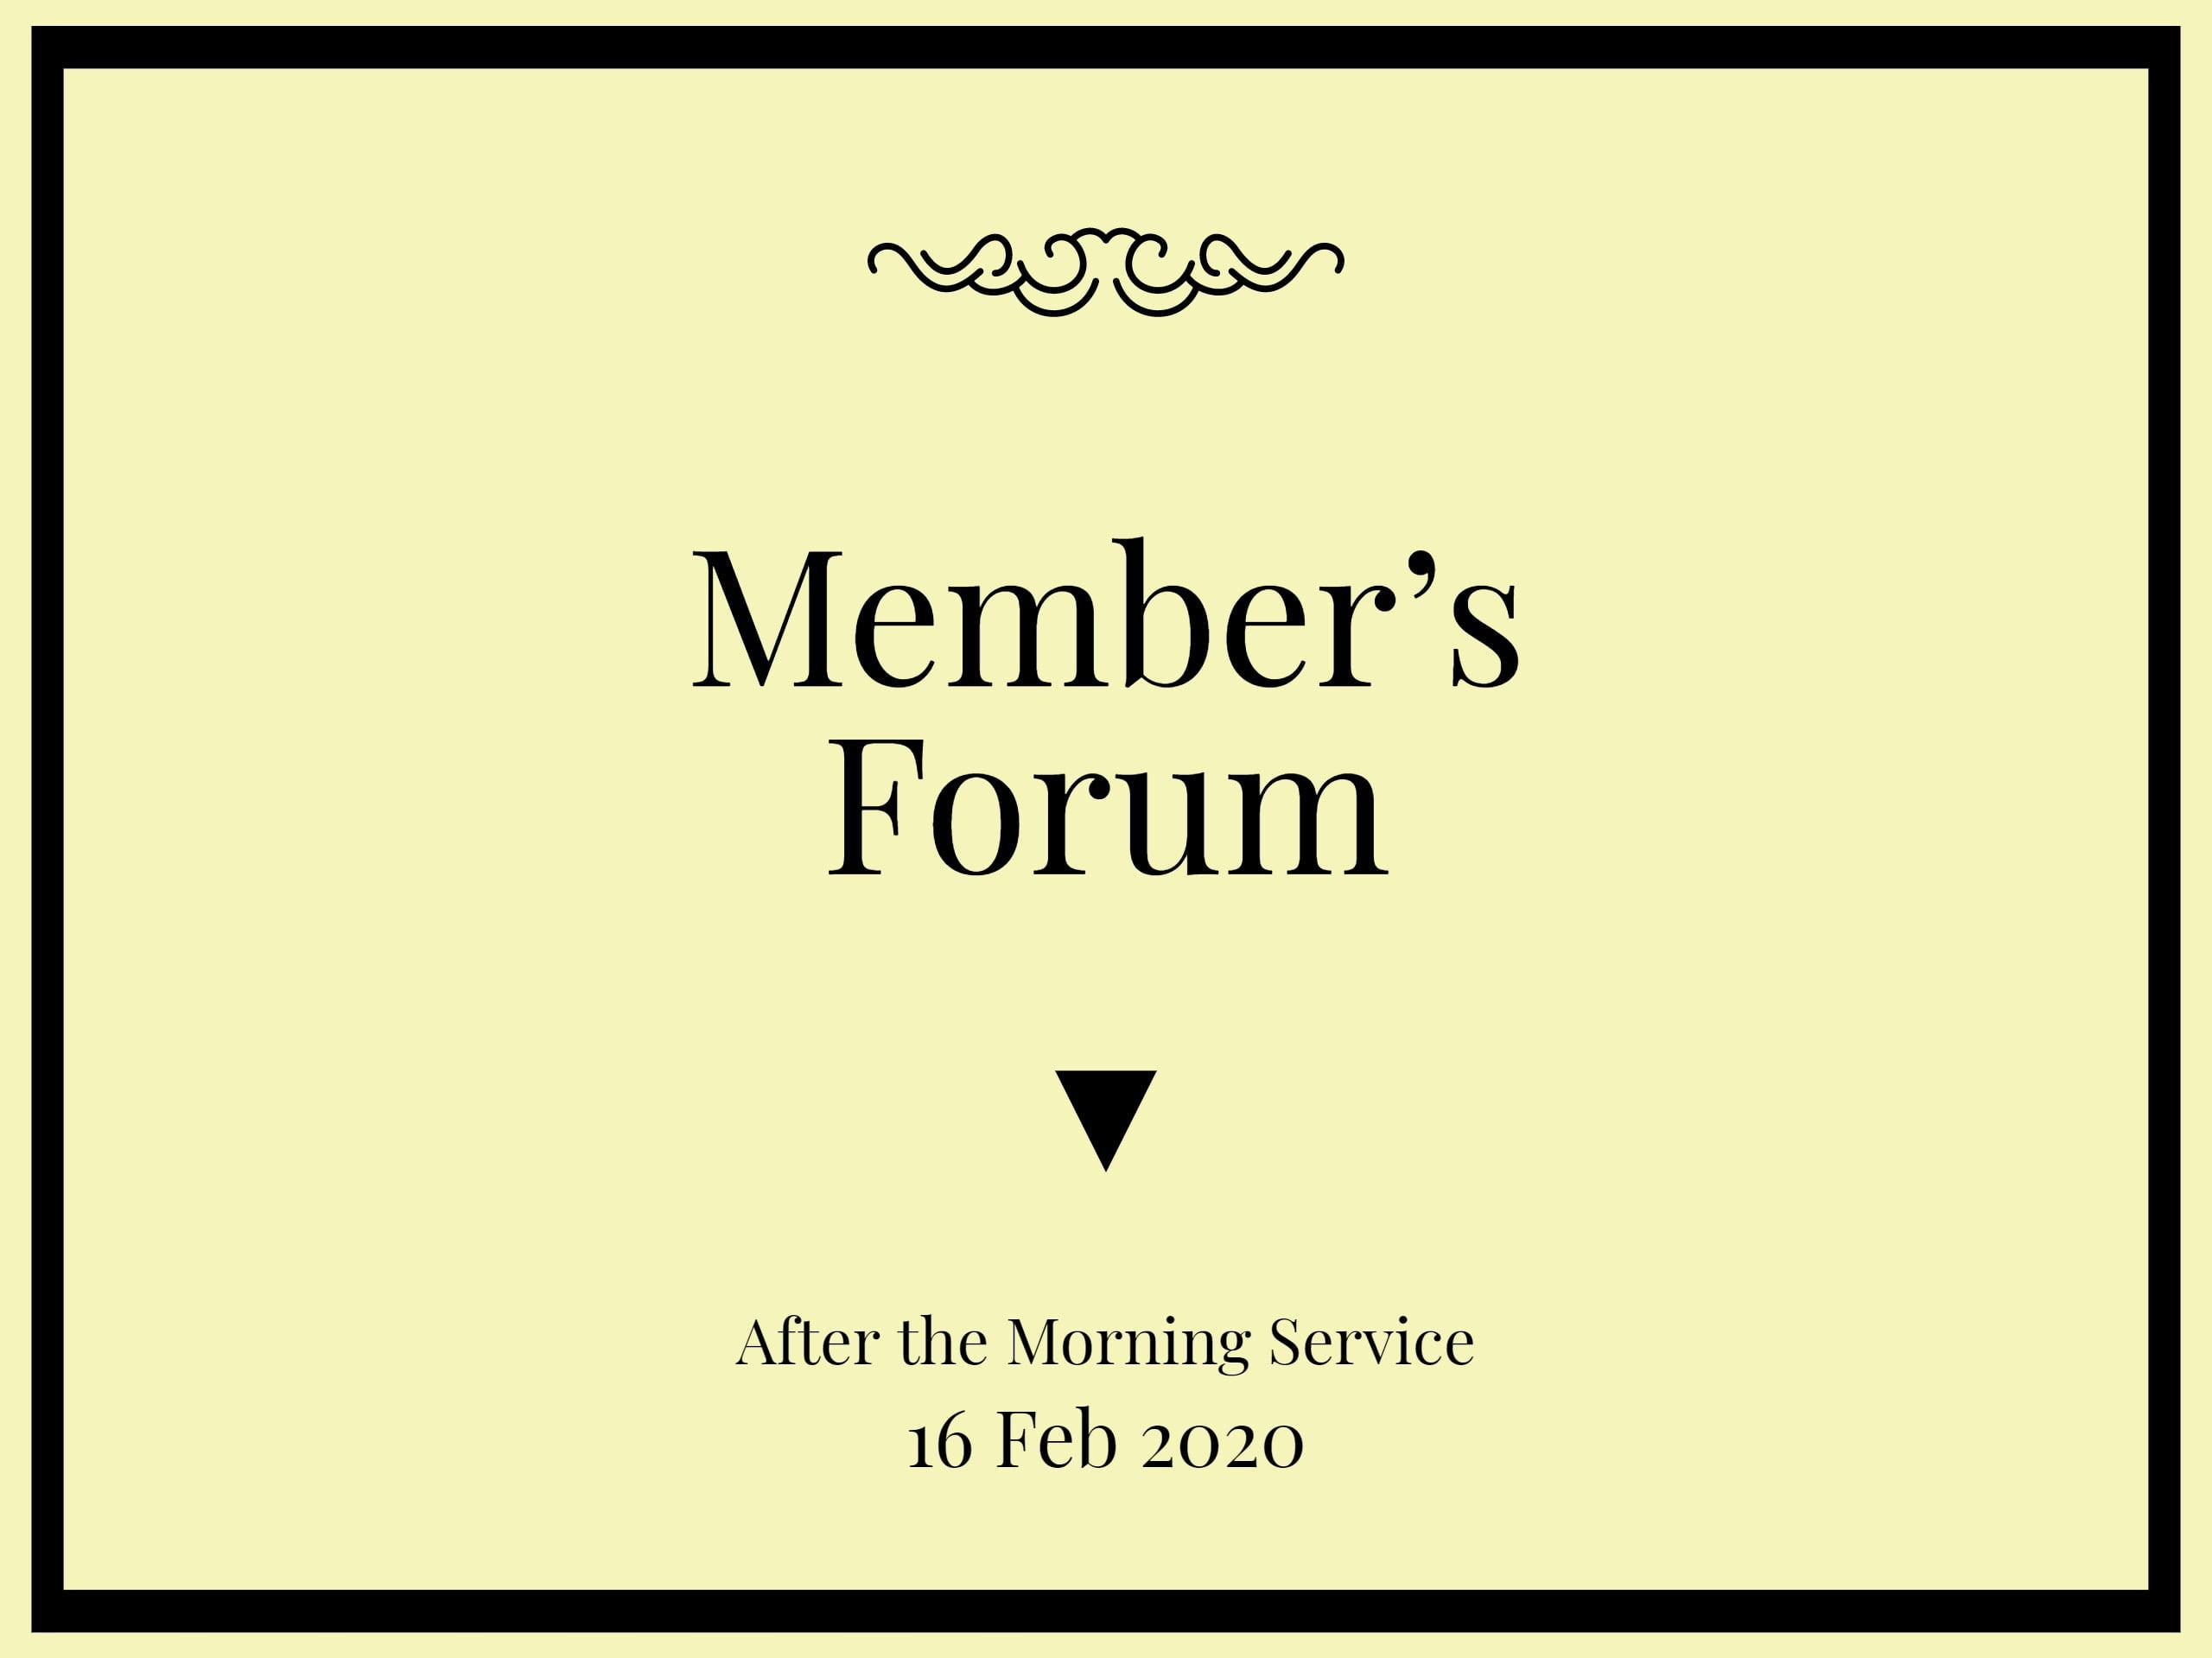 Members-Forum-16Feb